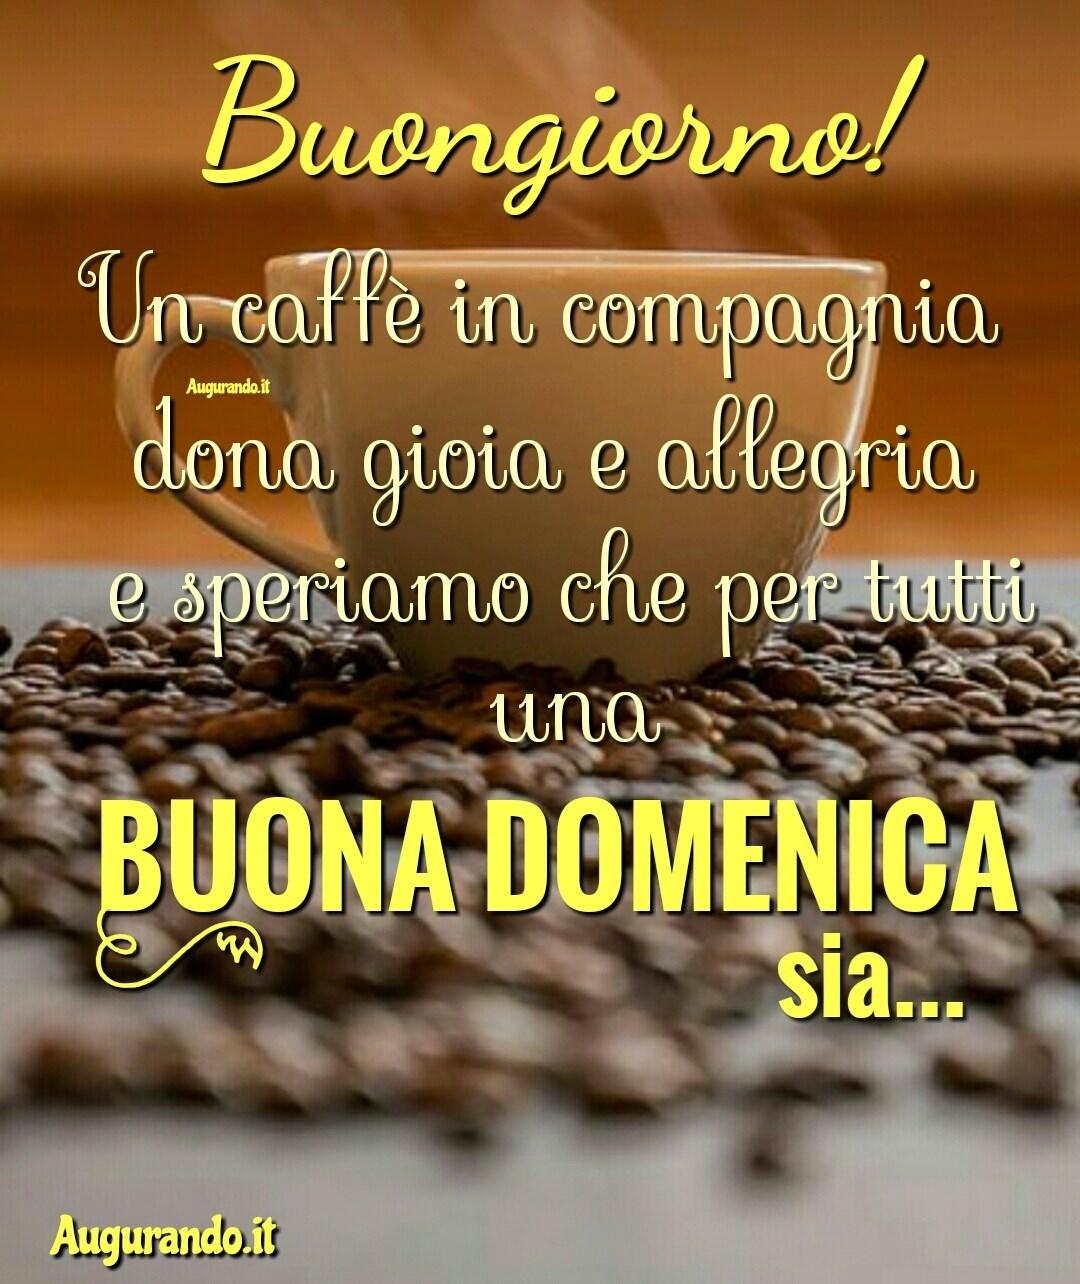 Buongiorno E Buona Domenica Community Toluna